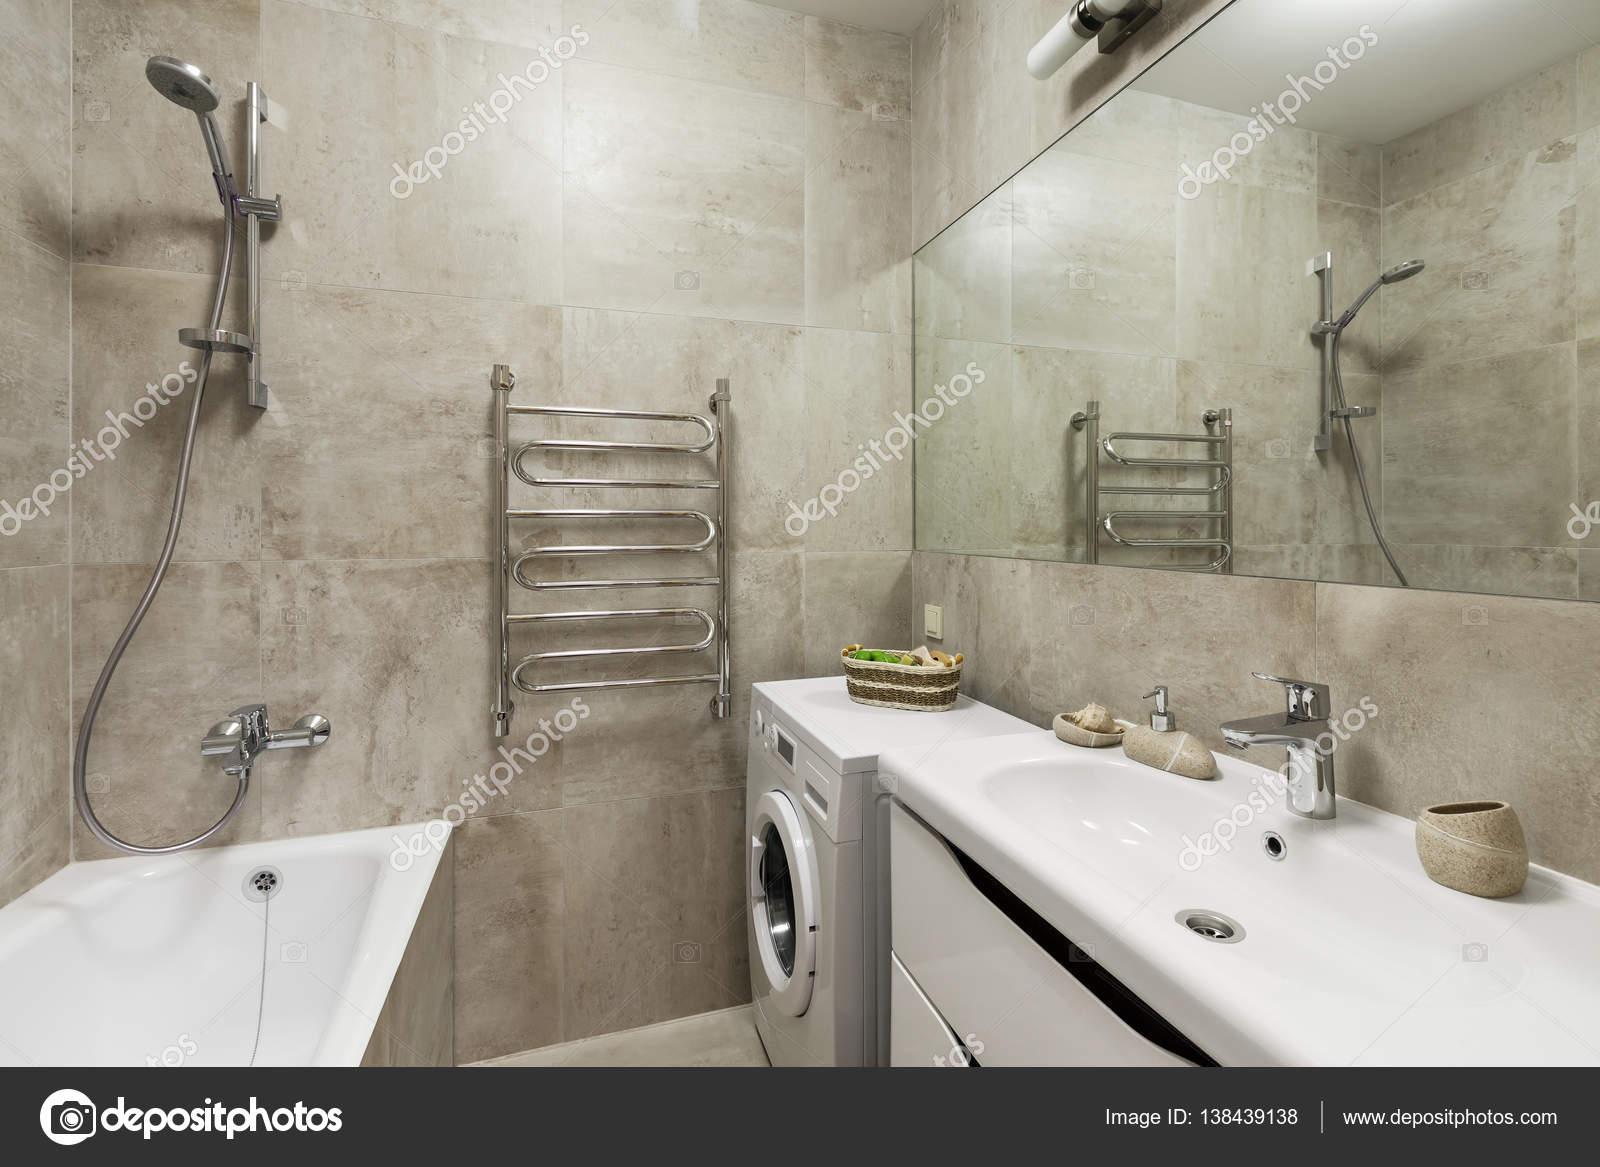 Badkamer interieur in Scandinavische stijl — Stockfoto © YegorP ...